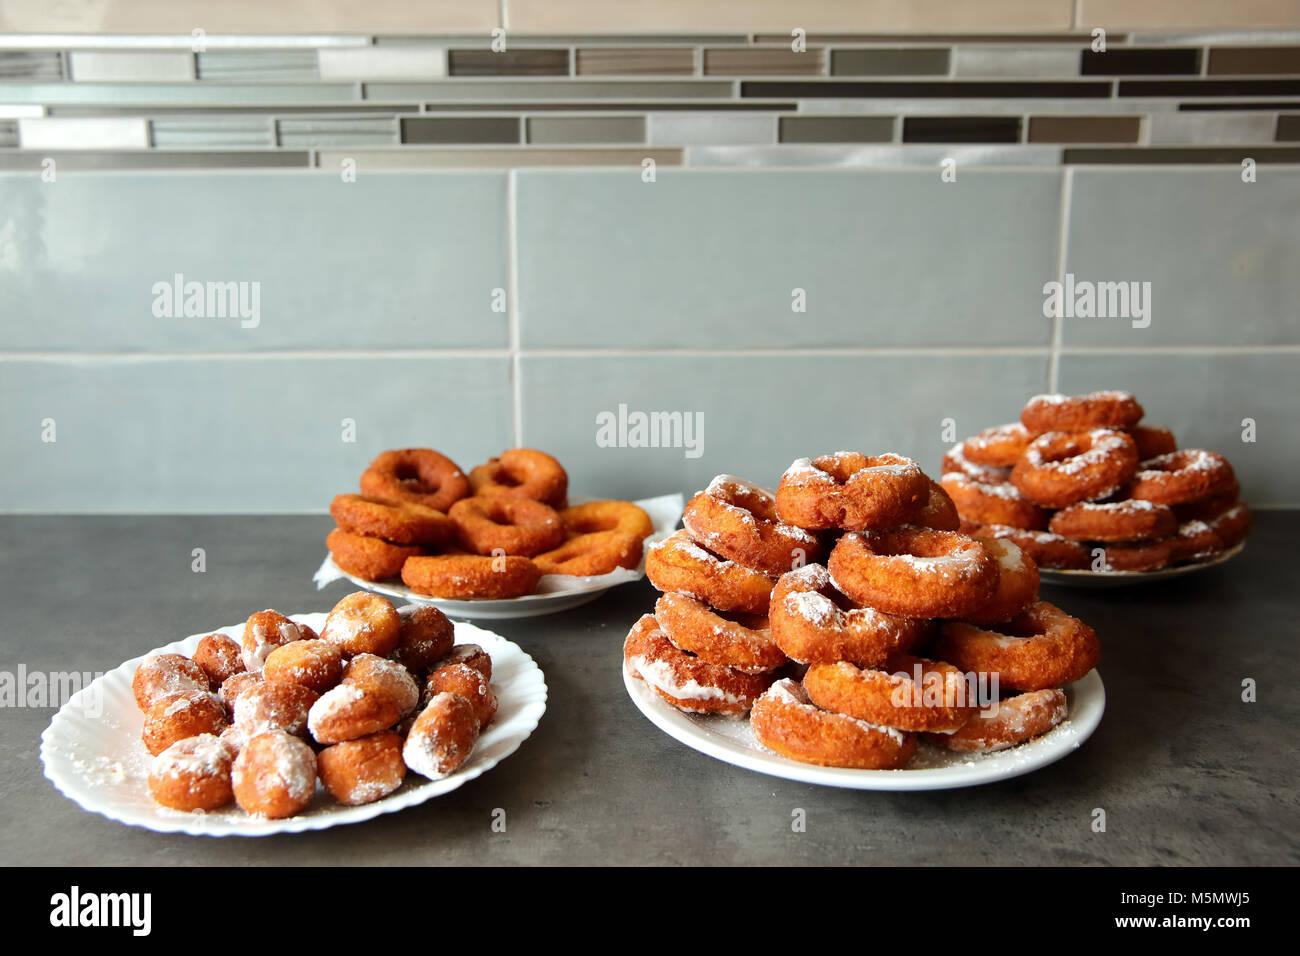 Un beigne, malgré la non-forme idéale, est un goût supérieur à tout autre donut acheté Photo Stock